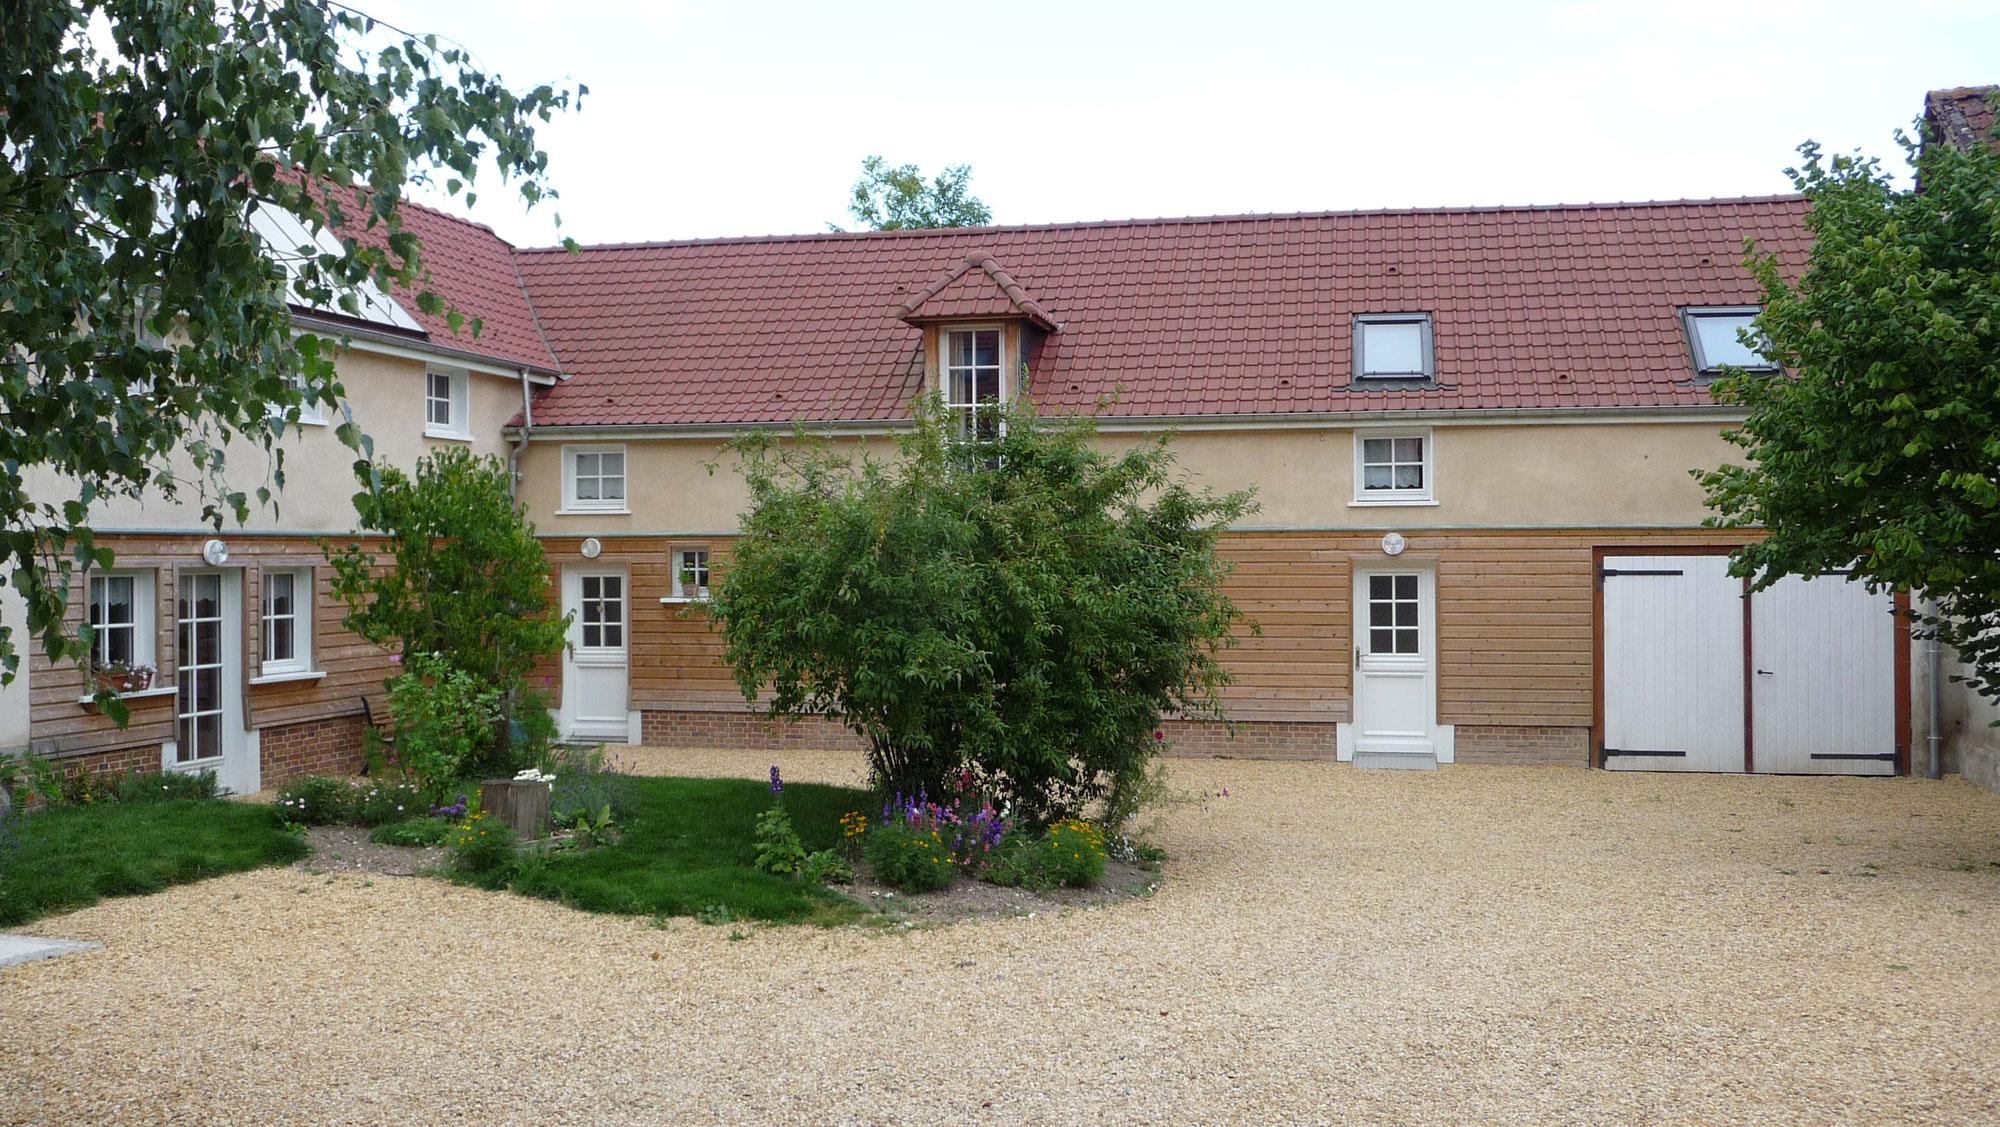 Location de chambres d 39 h tes les noisetiers a guyencourt - Chambres d hotes bourgogne sud ...